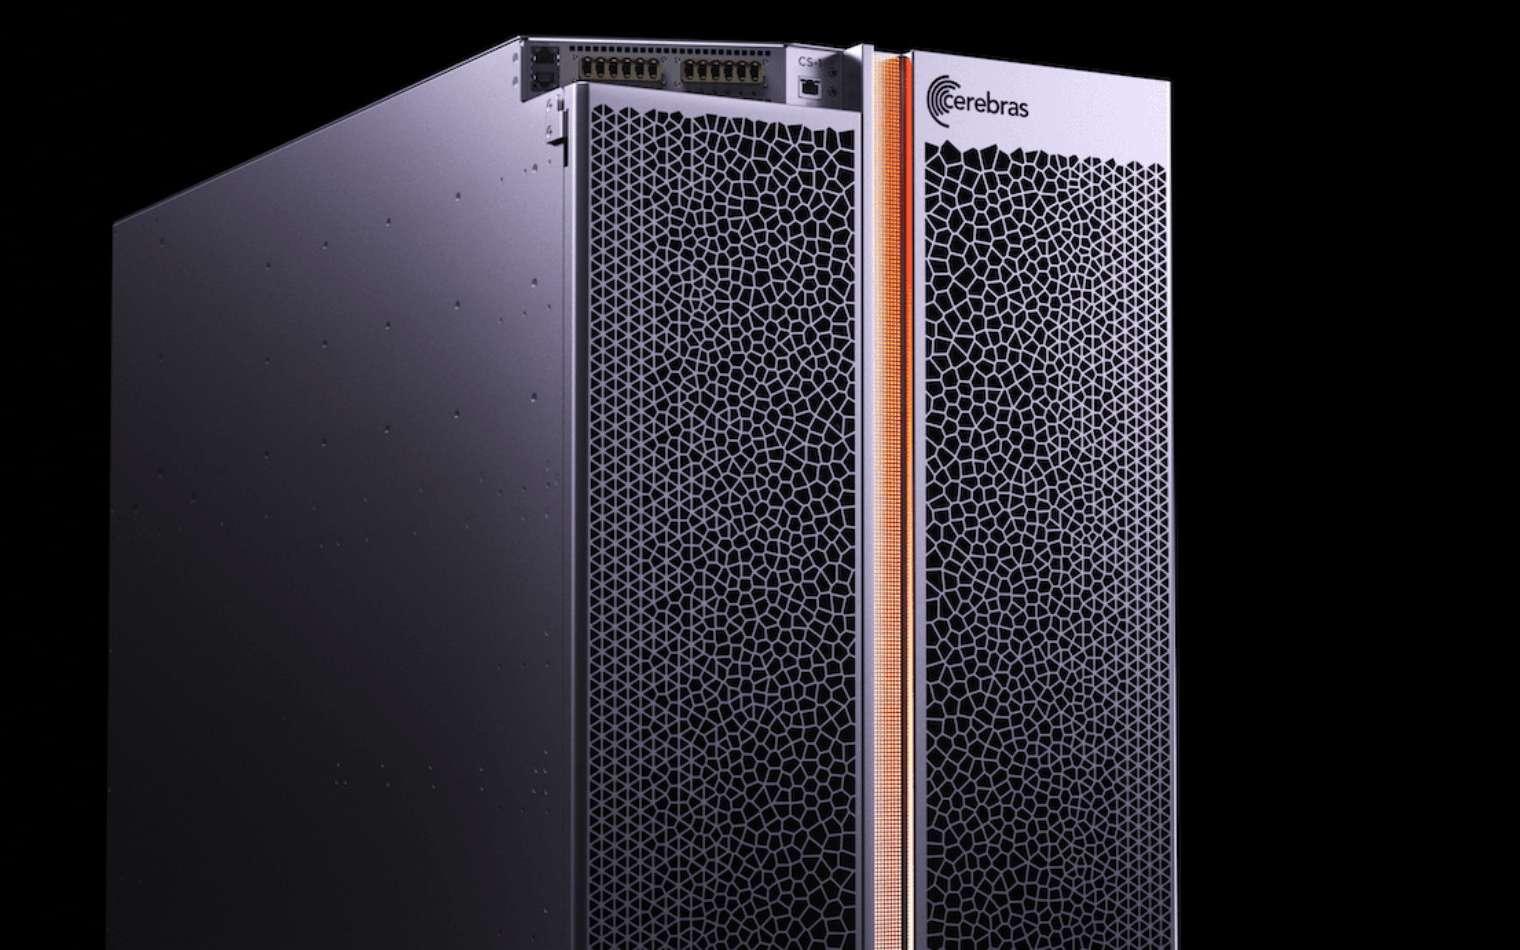 Le Cerebras CS-1 est un supercalculateur pour l'apprentissage profond basé sur le processeur géant Wafer Scale Engine. © Cerebras